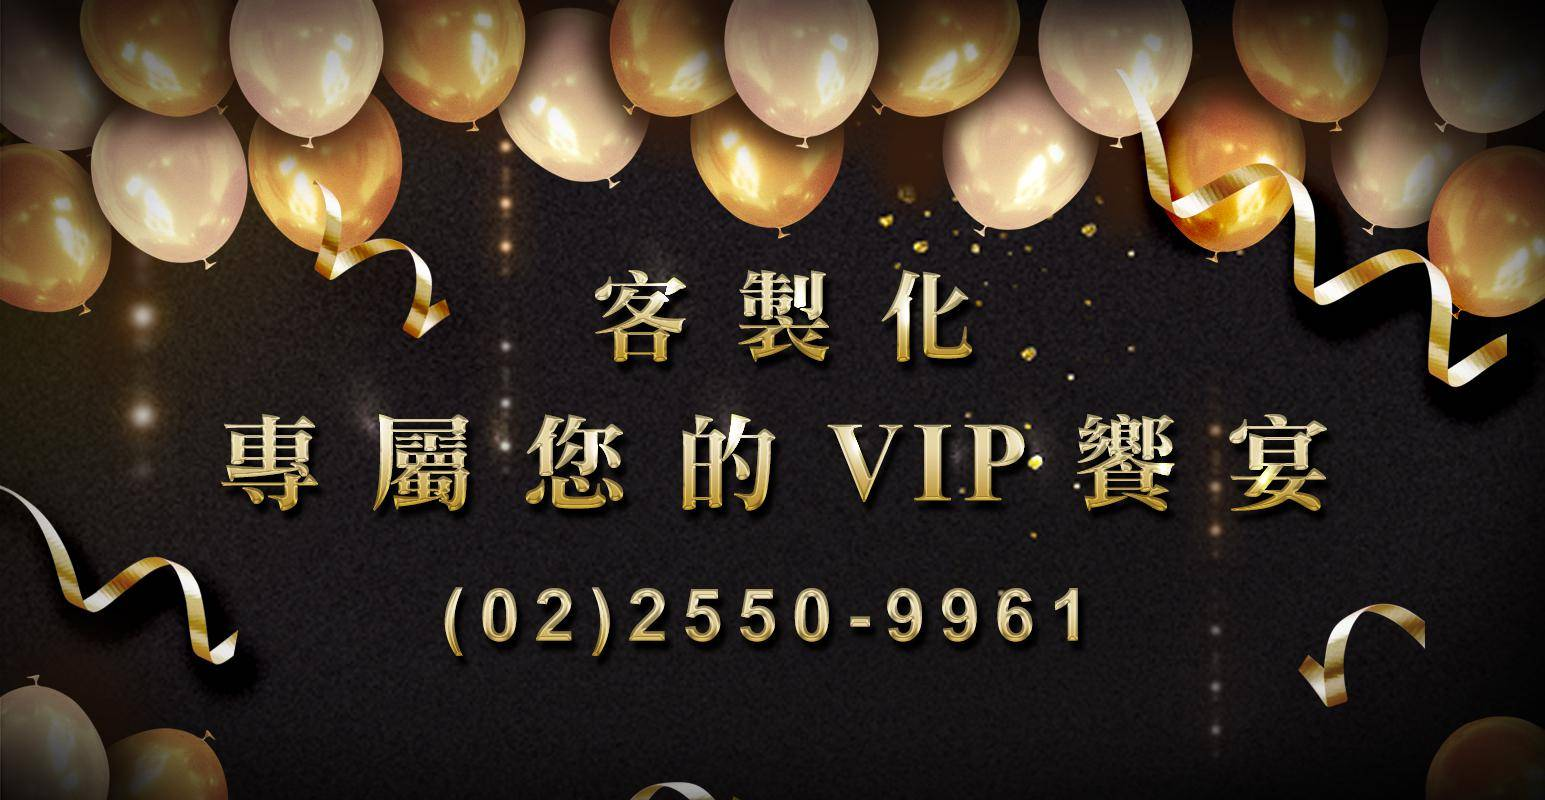 客製化活動專屬您的VIP饗宴